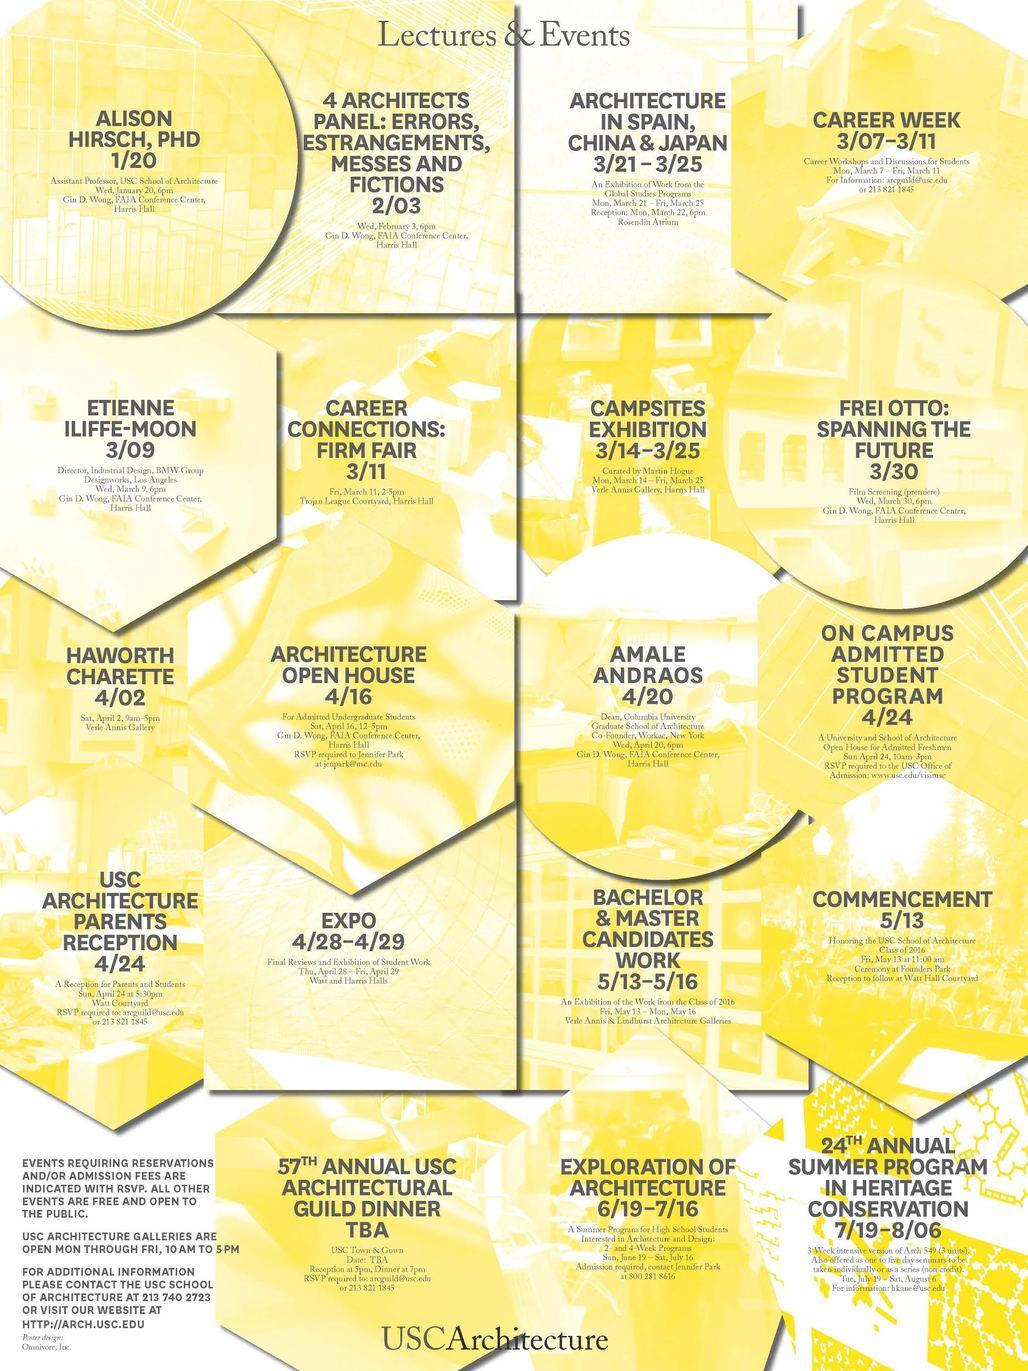 Poster design: Omnivore, Inc. Courtesy of USC School of Architecture.